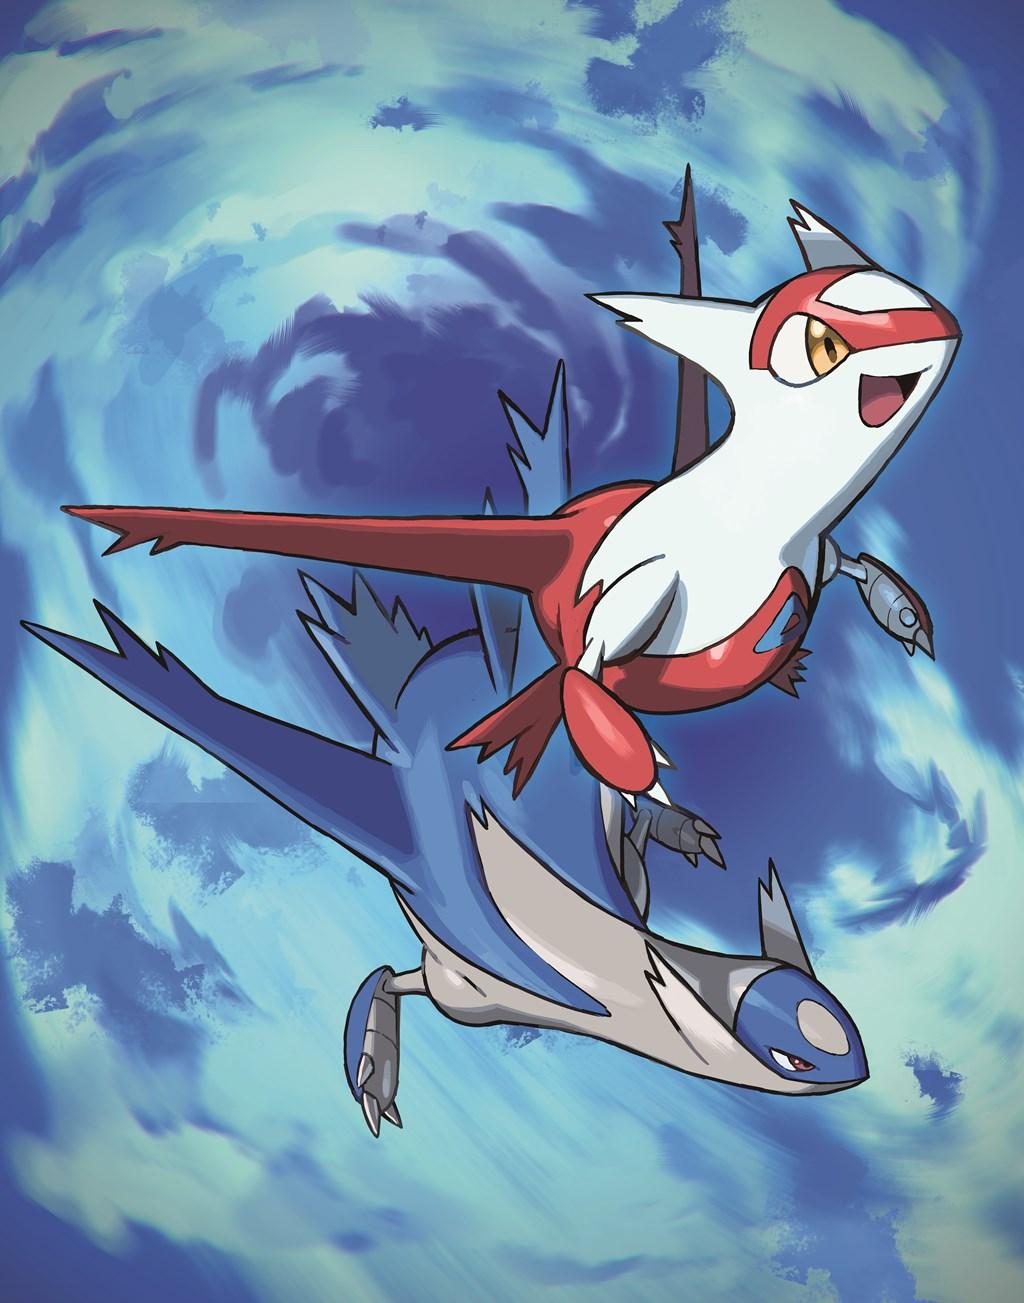 Latias et Latios distribués au mois de Septembre sur Pokémon Ultra-Soleil et Ultra-Lune